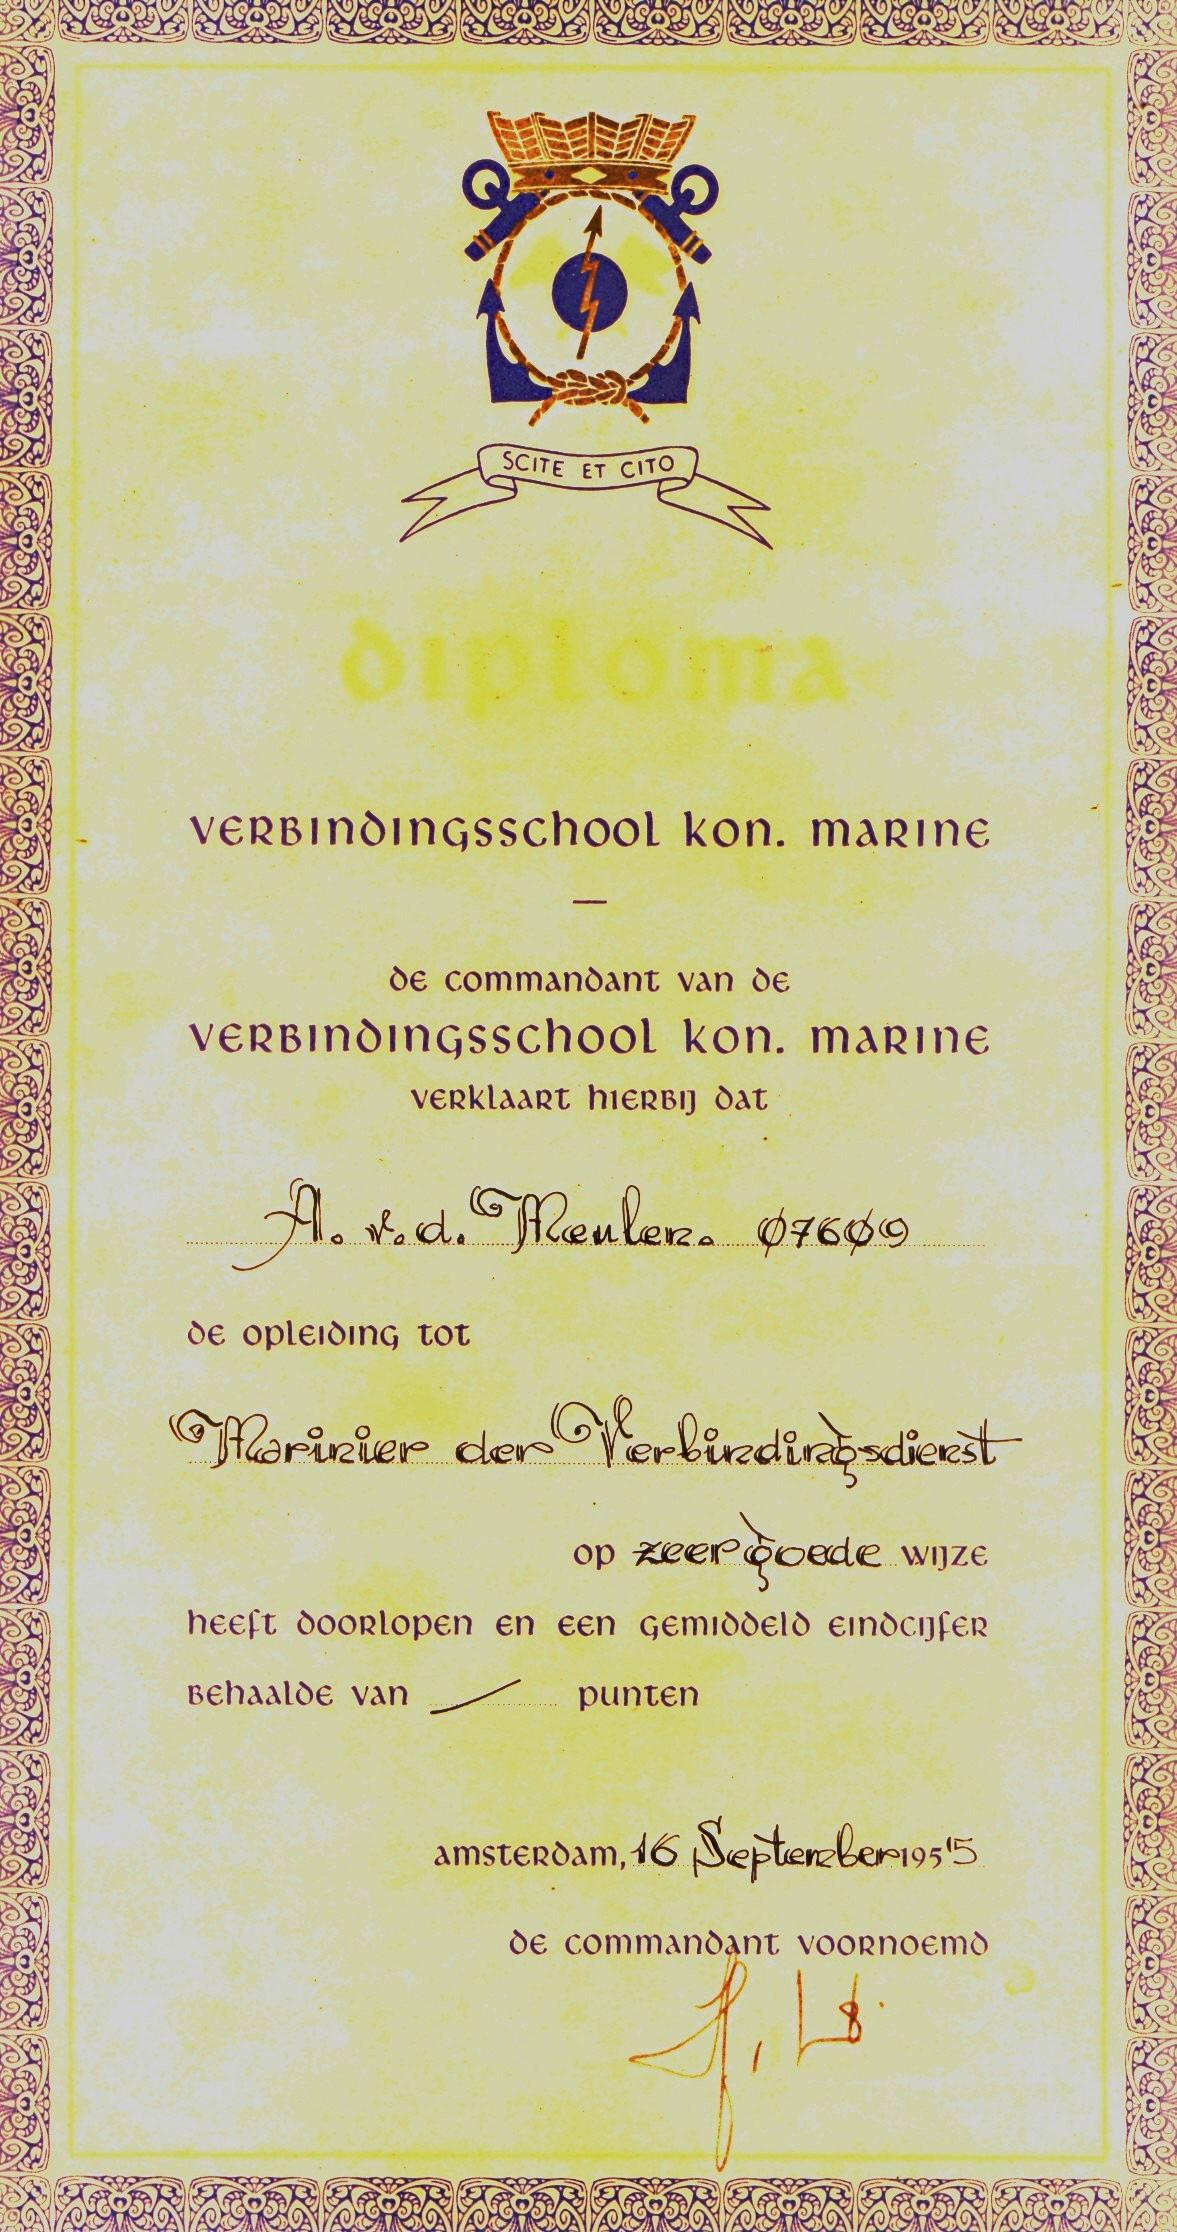 17 TOKM Diploma Verbindingsdienst